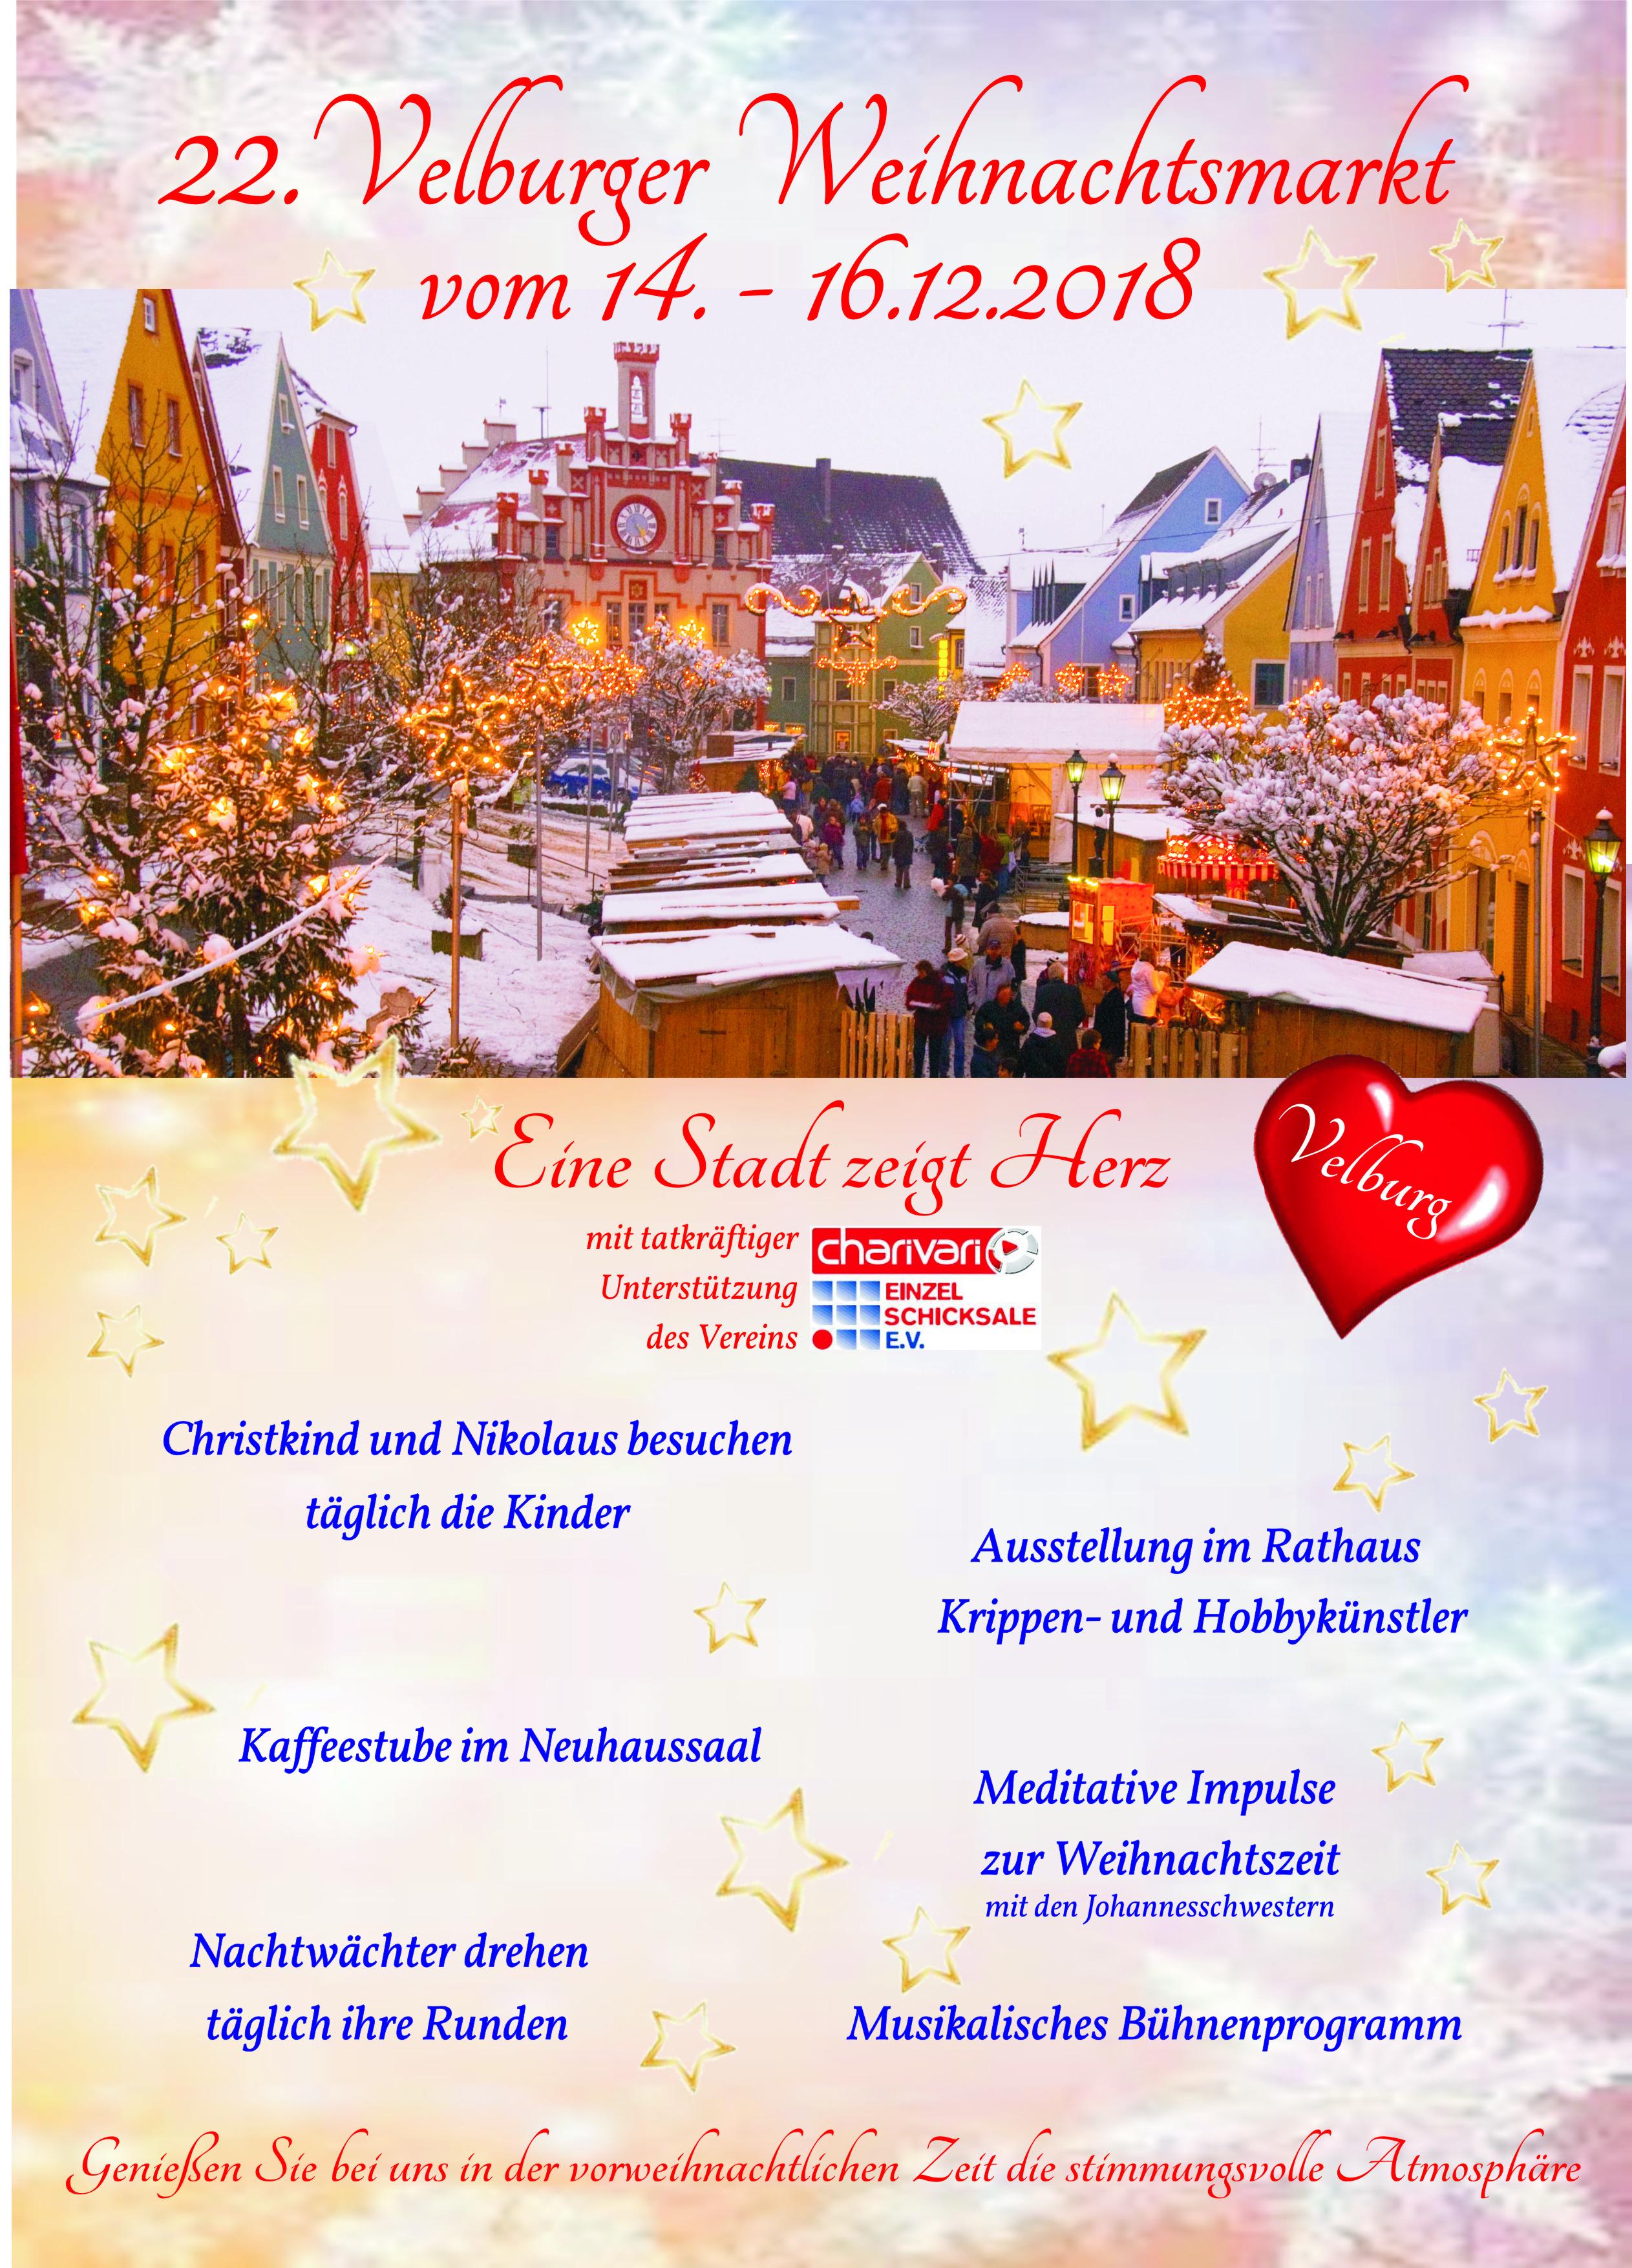 Weihnachtsmarkt in Velburg vom 14.12. bis 16.12.2018